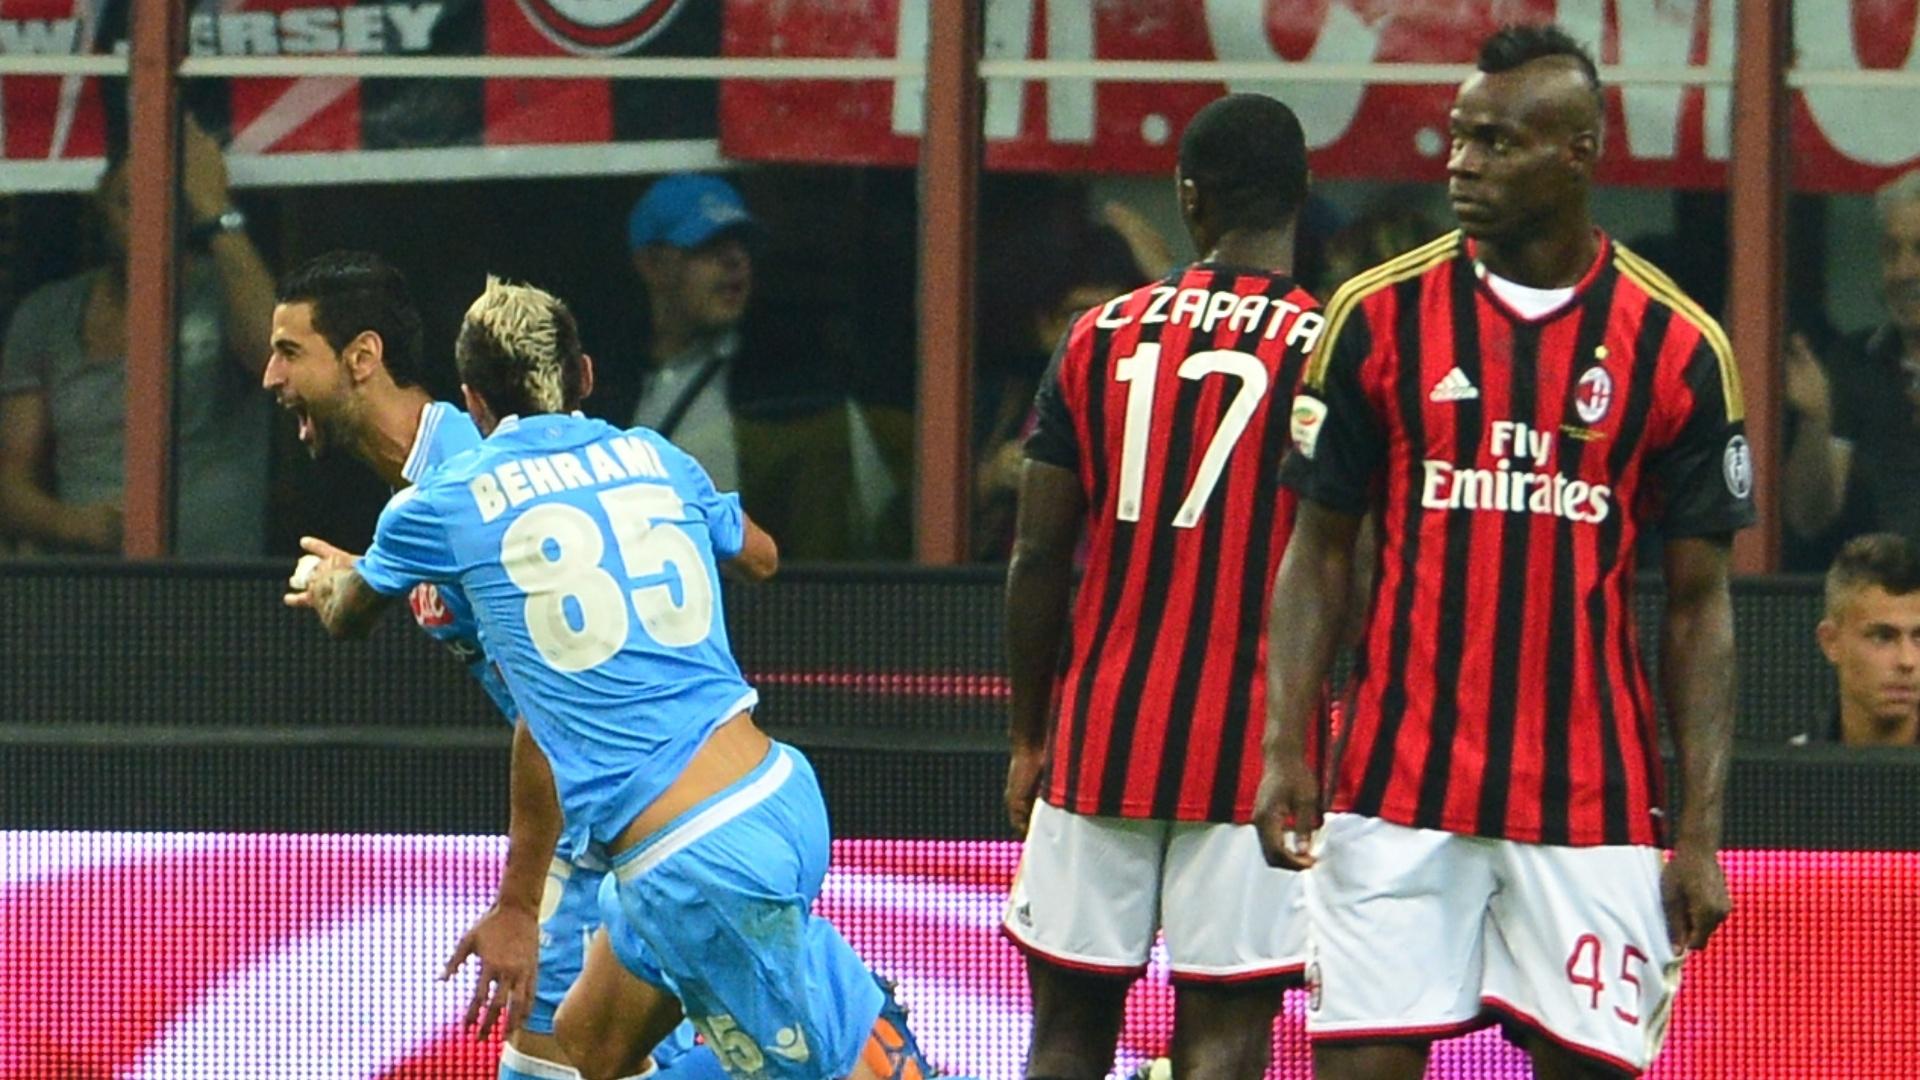 22.set.2013 - Angel Miguel Britos, do Napoli, comemora gol contra o Milan